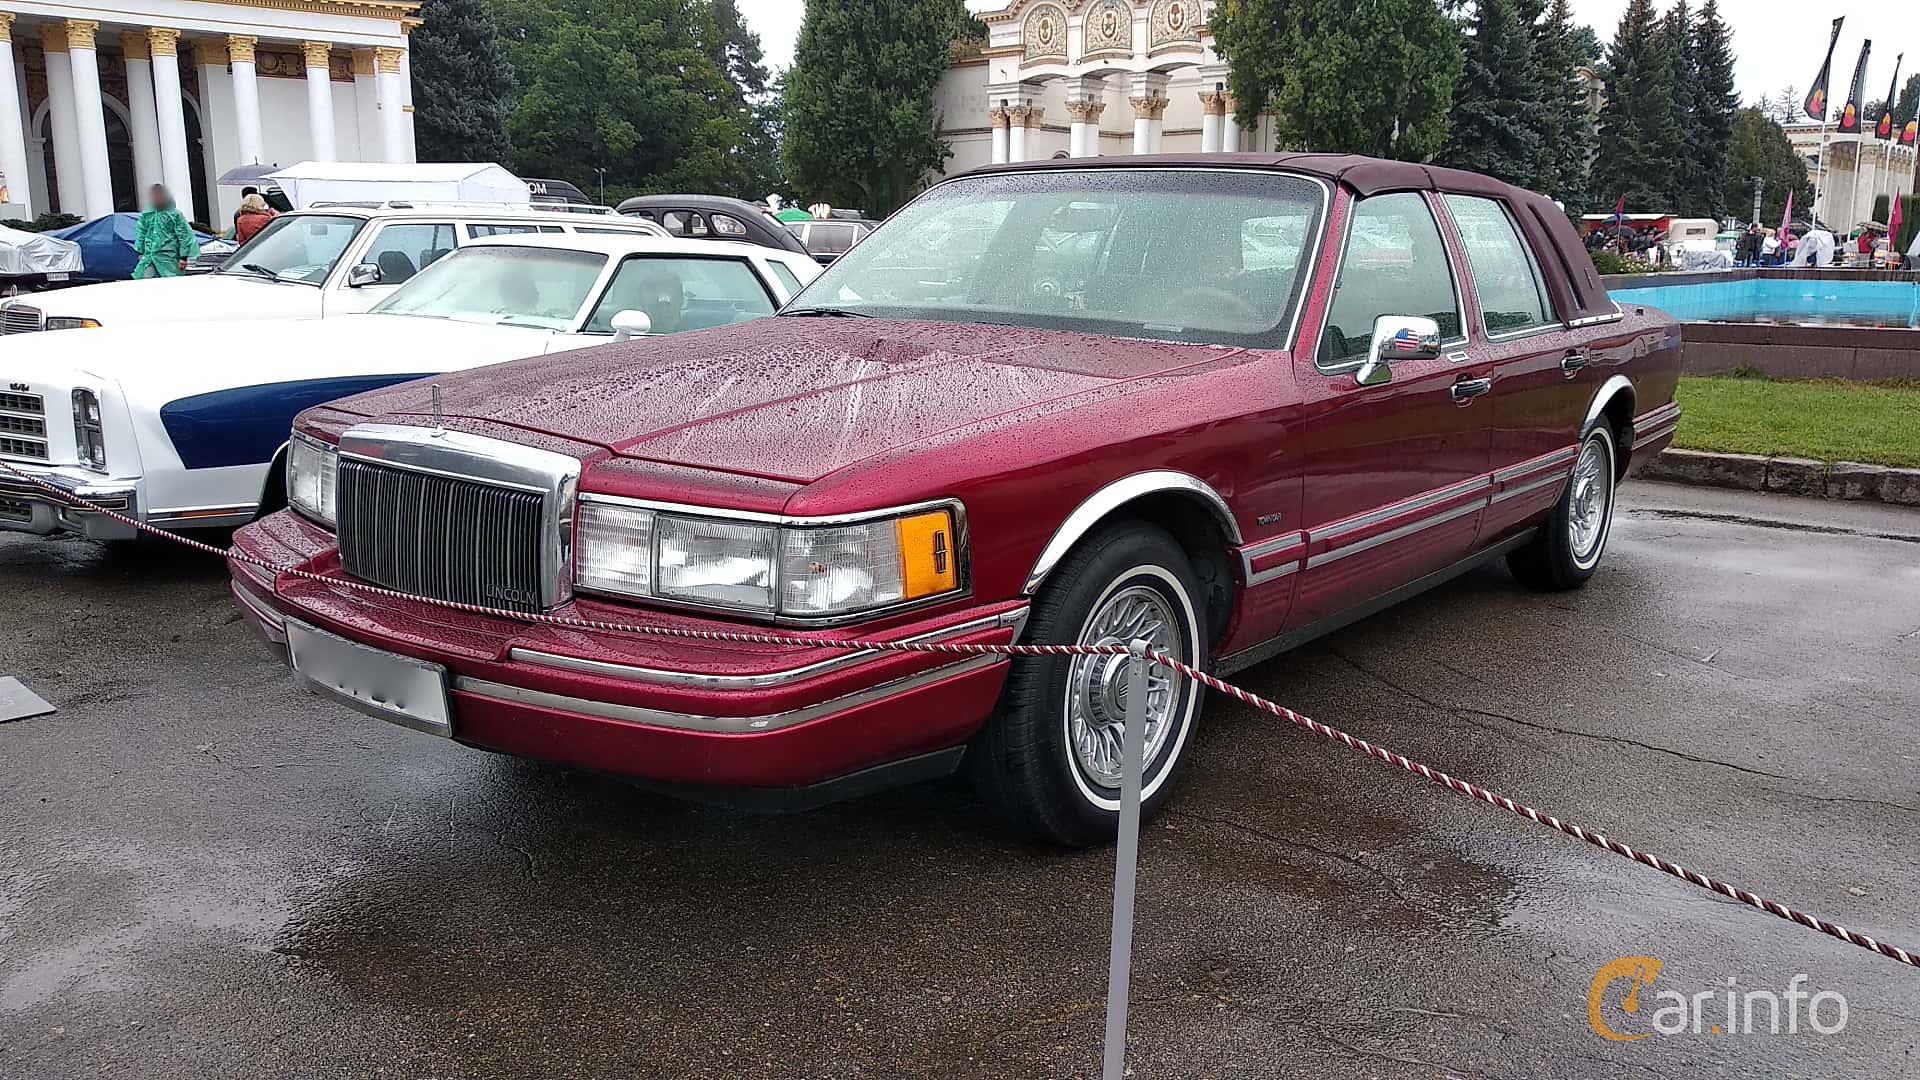 Lincoln Town Car 4.9 V8 Automatic, 152hp, 1990 at Old Car Land no.2 2018